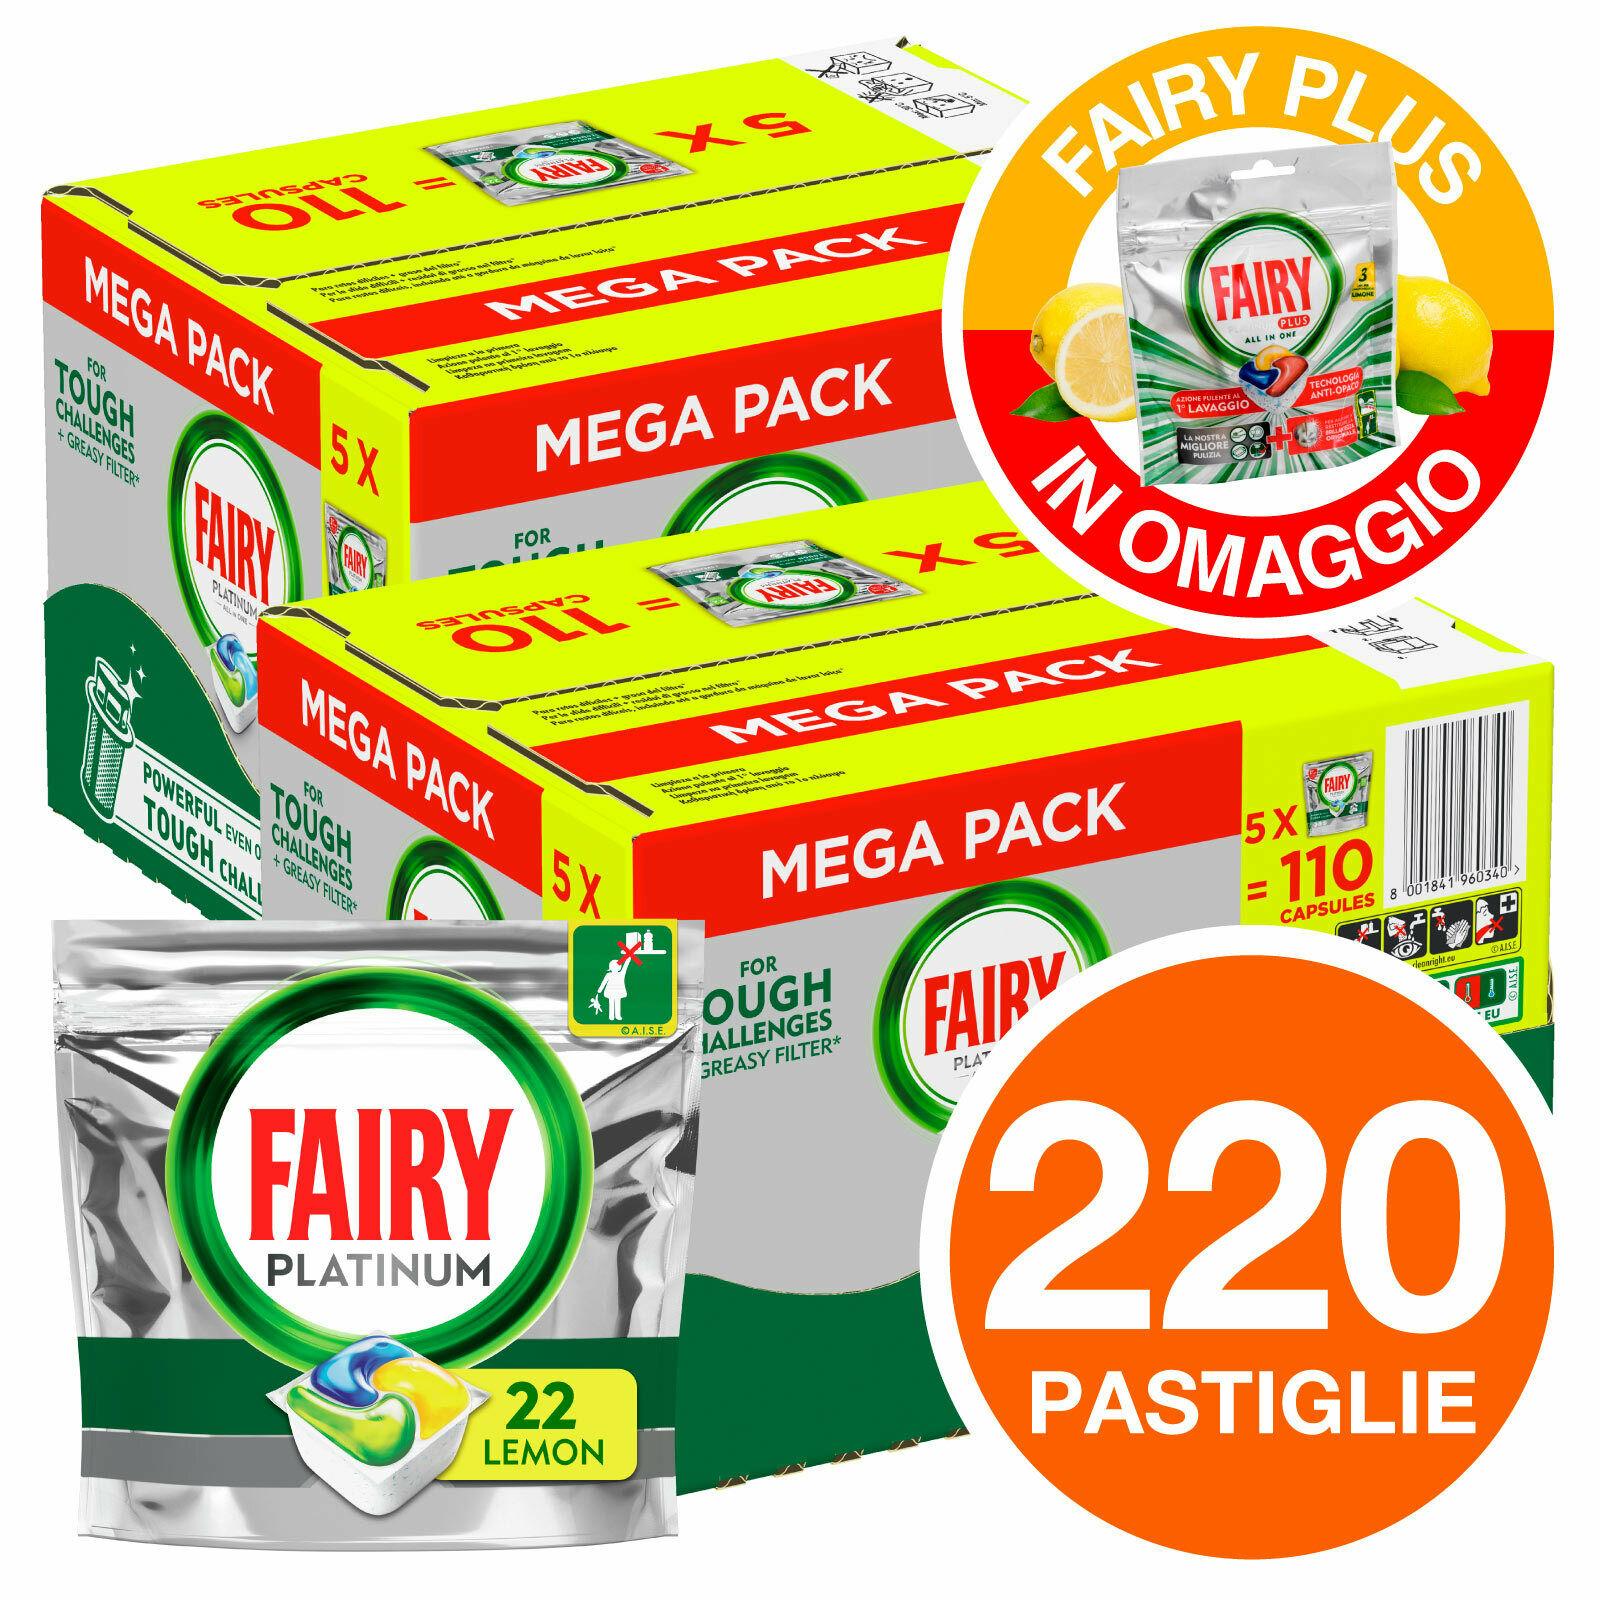 220 Pastiglie Fairy Platinum Tutto in Uno Regular Detersivo per Lavastoviglie